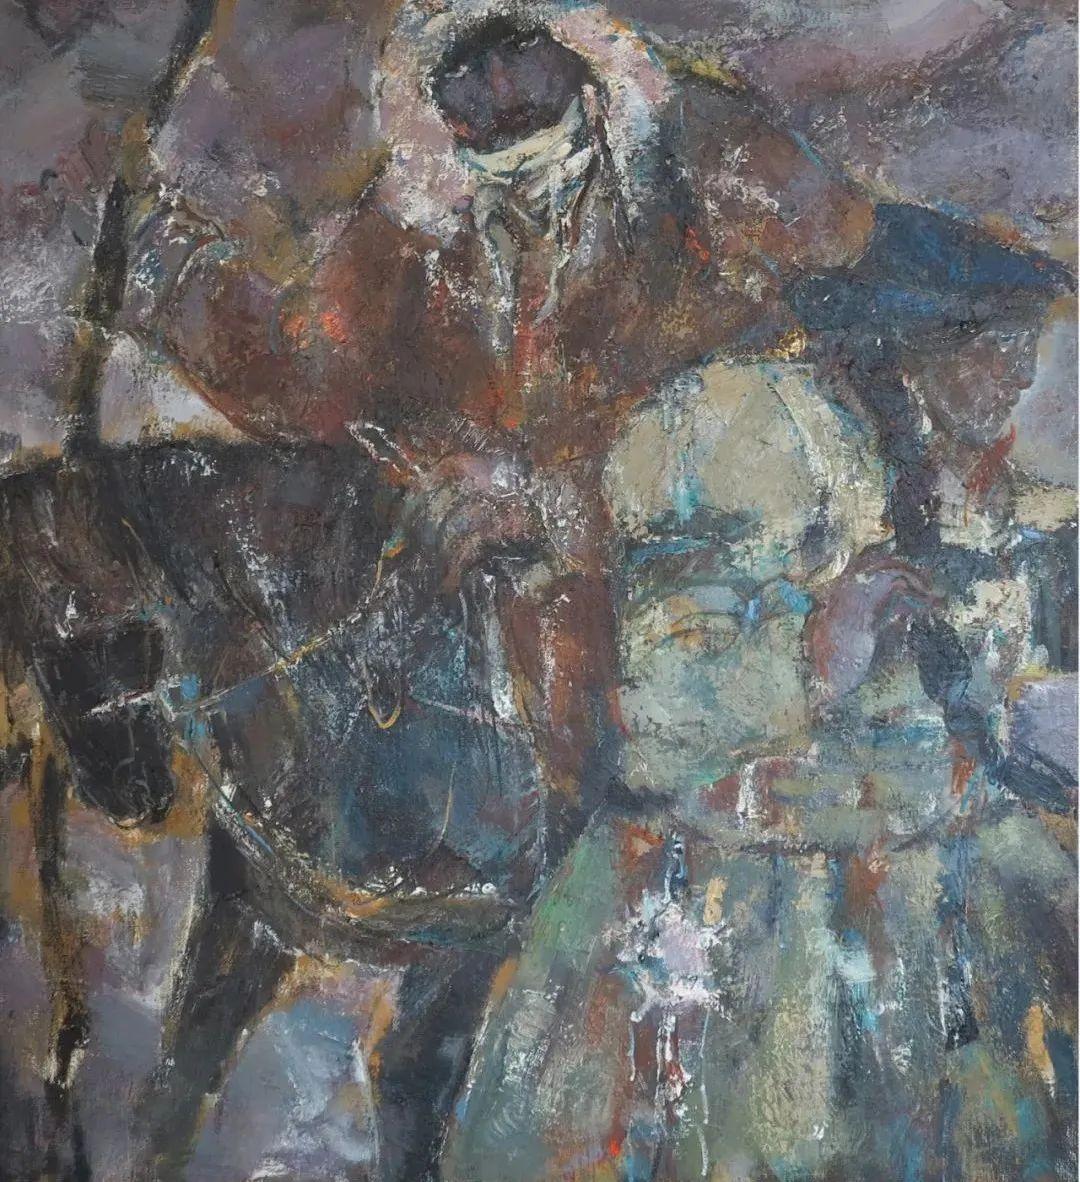 内蒙古当代美术家系列--乌吉斯古楞 第25张